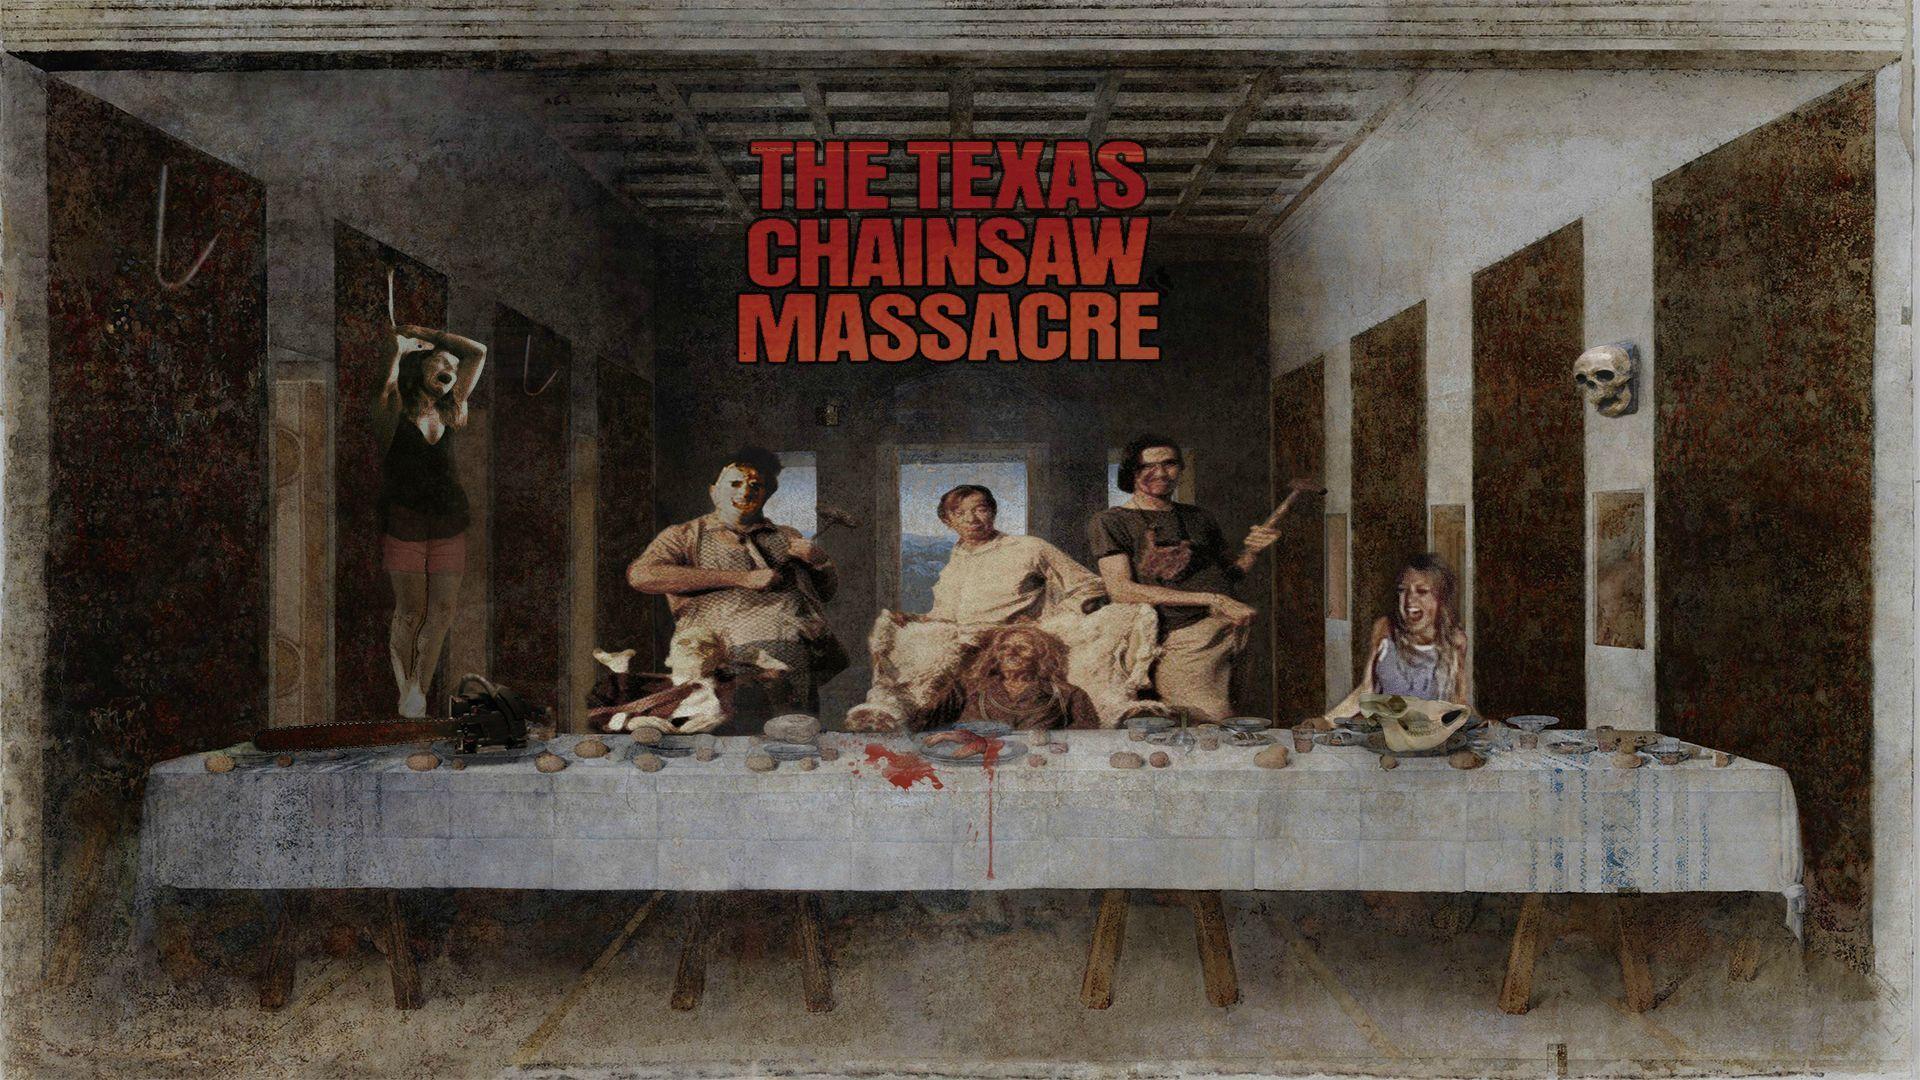 texas chainsaw massacre wallpaper | hd wallpapers | pinterest